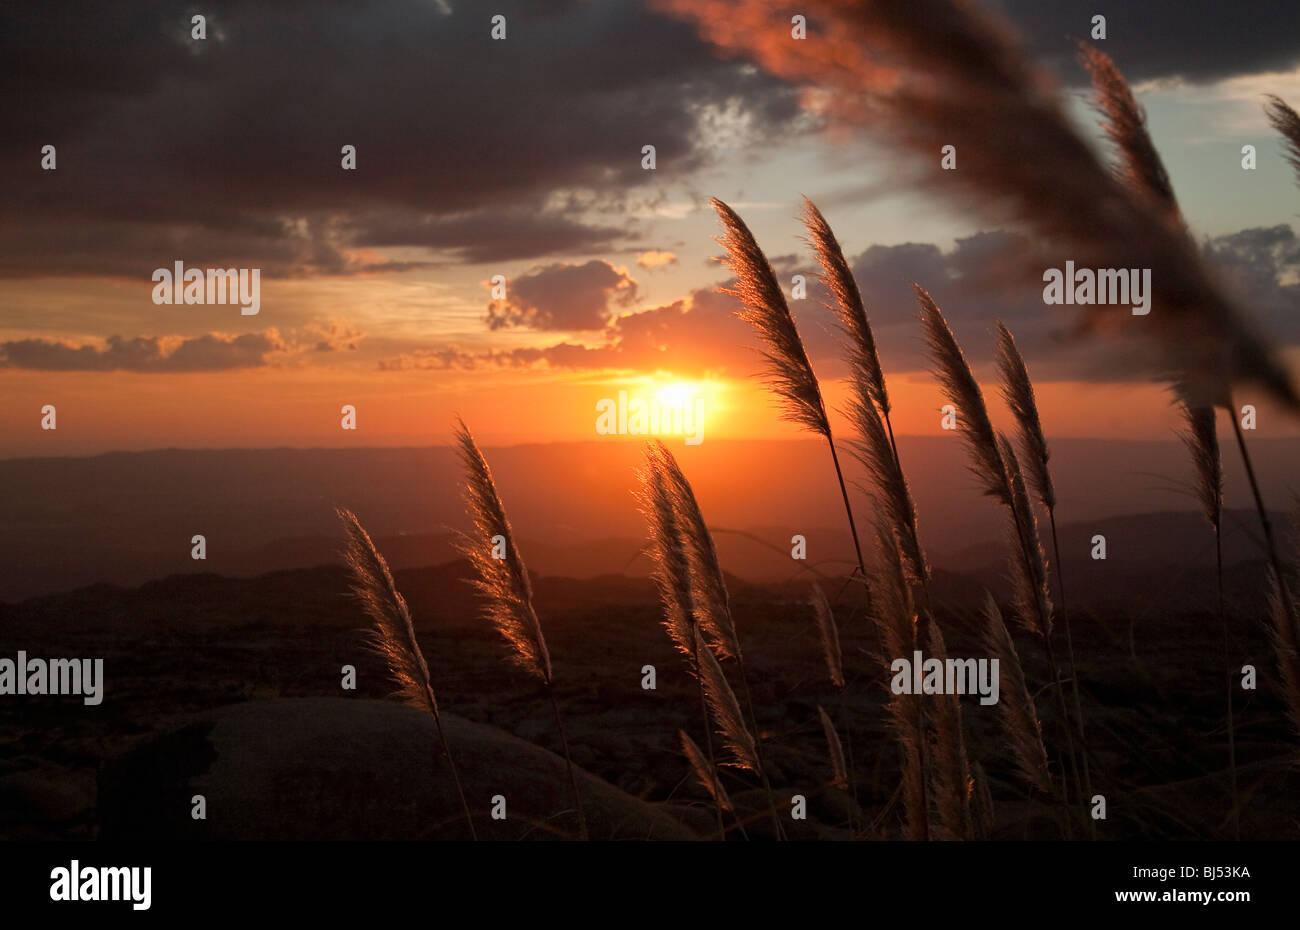 Le calamagrostis éclairé par le coucher du soleil Photo Stock